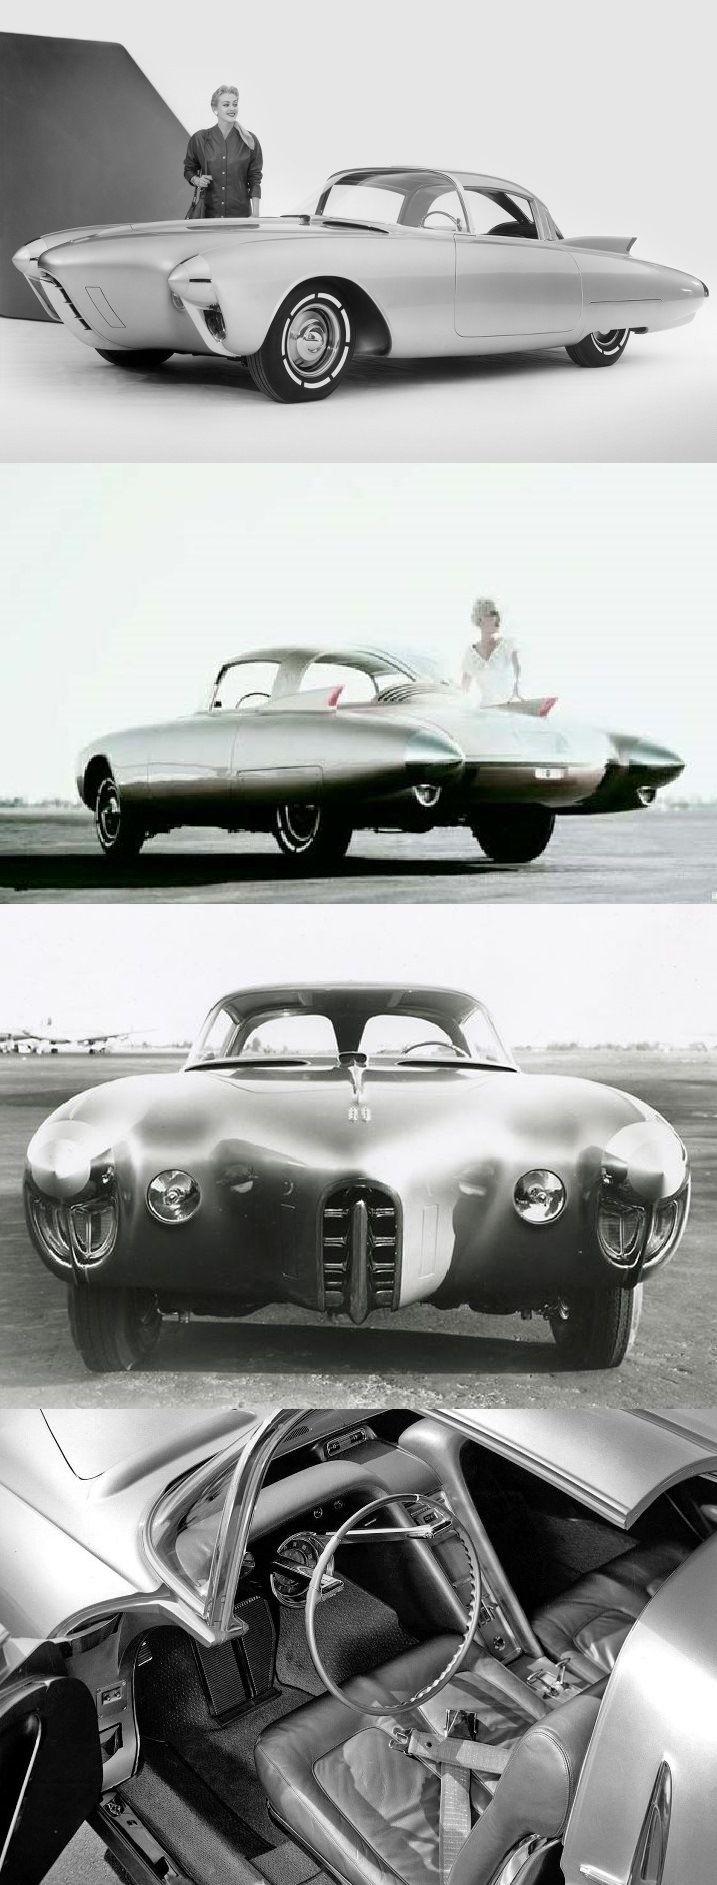 Oldsmobile Golden Rocket concept car by Harley Earl, 1956